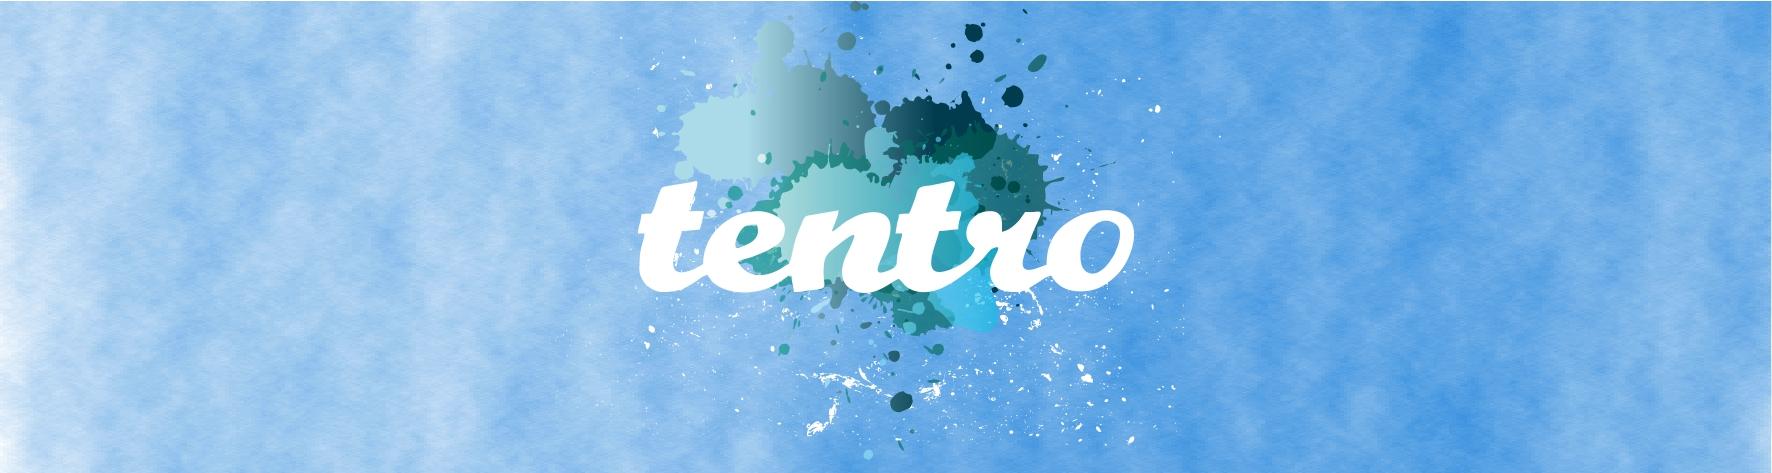 tentro-01.jpg